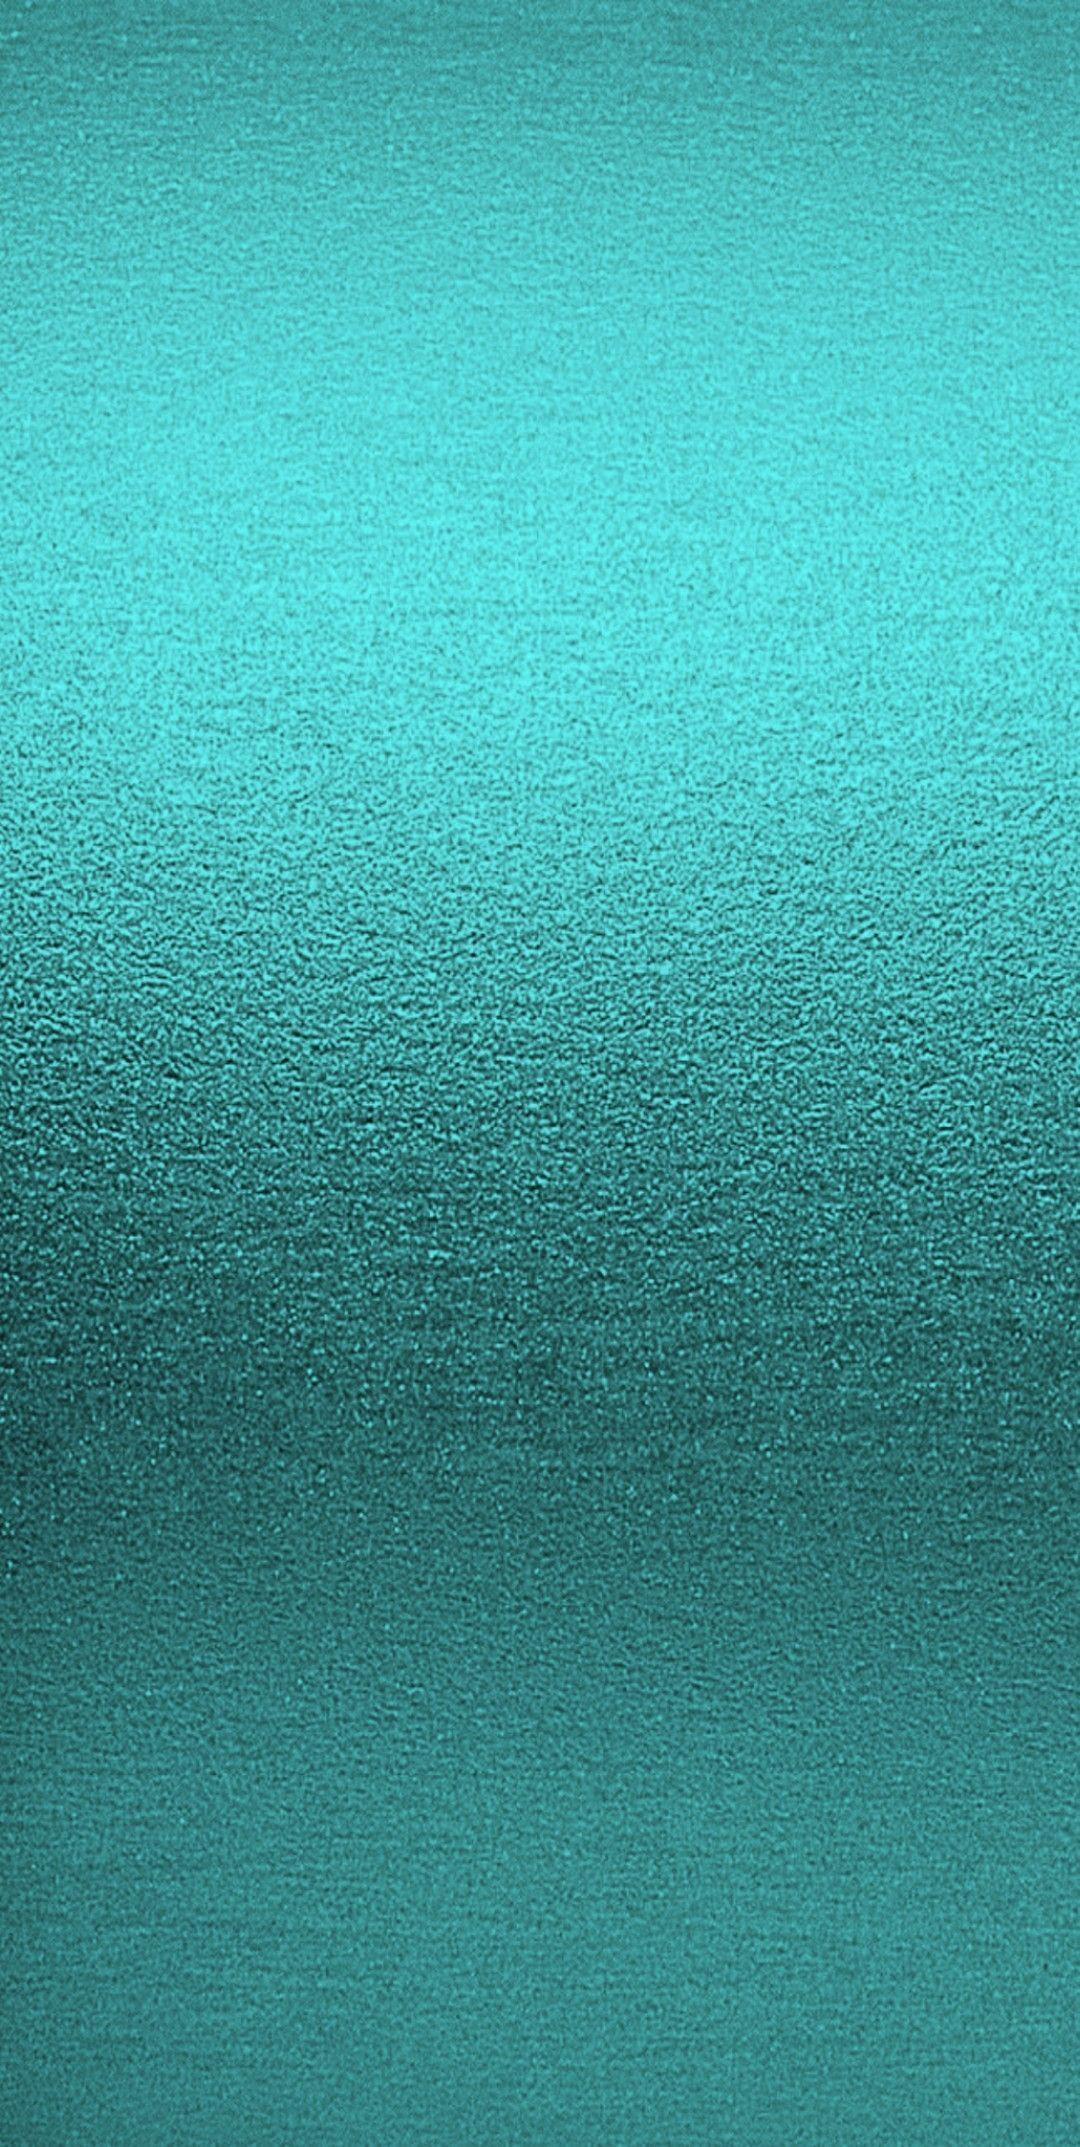 Pin By Al Hosam On My Saves Tiffany Blue Wallpapers Tiffany Blue Background Colorful Wallpaper